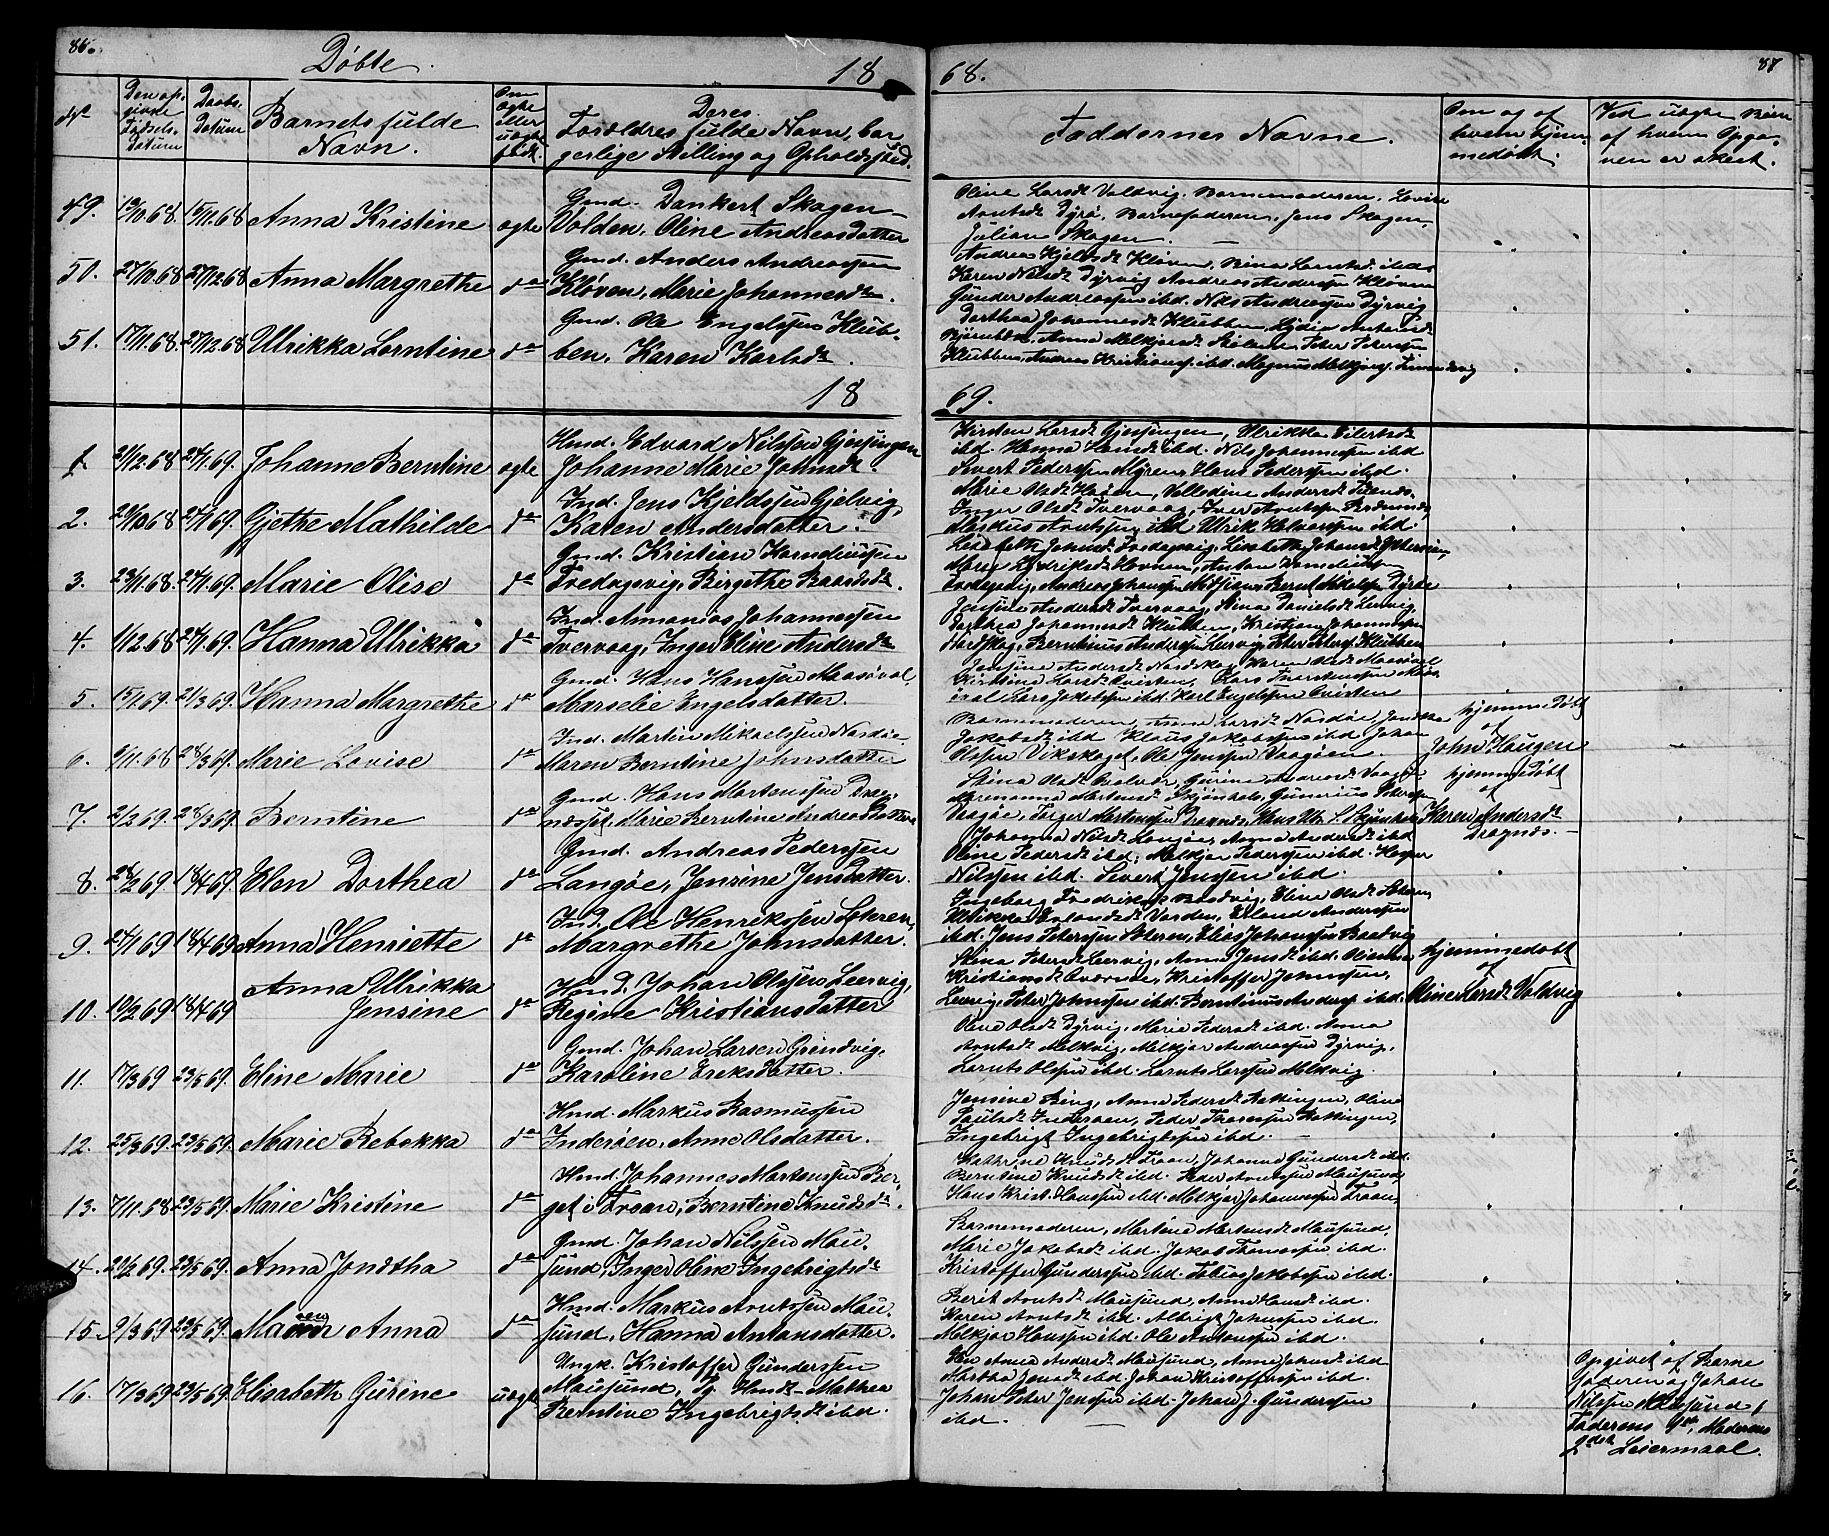 SAT, Ministerialprotokoller, klokkerbøker og fødselsregistre - Sør-Trøndelag, 640/L0583: Klokkerbok nr. 640C01, 1866-1877, s. 86-87